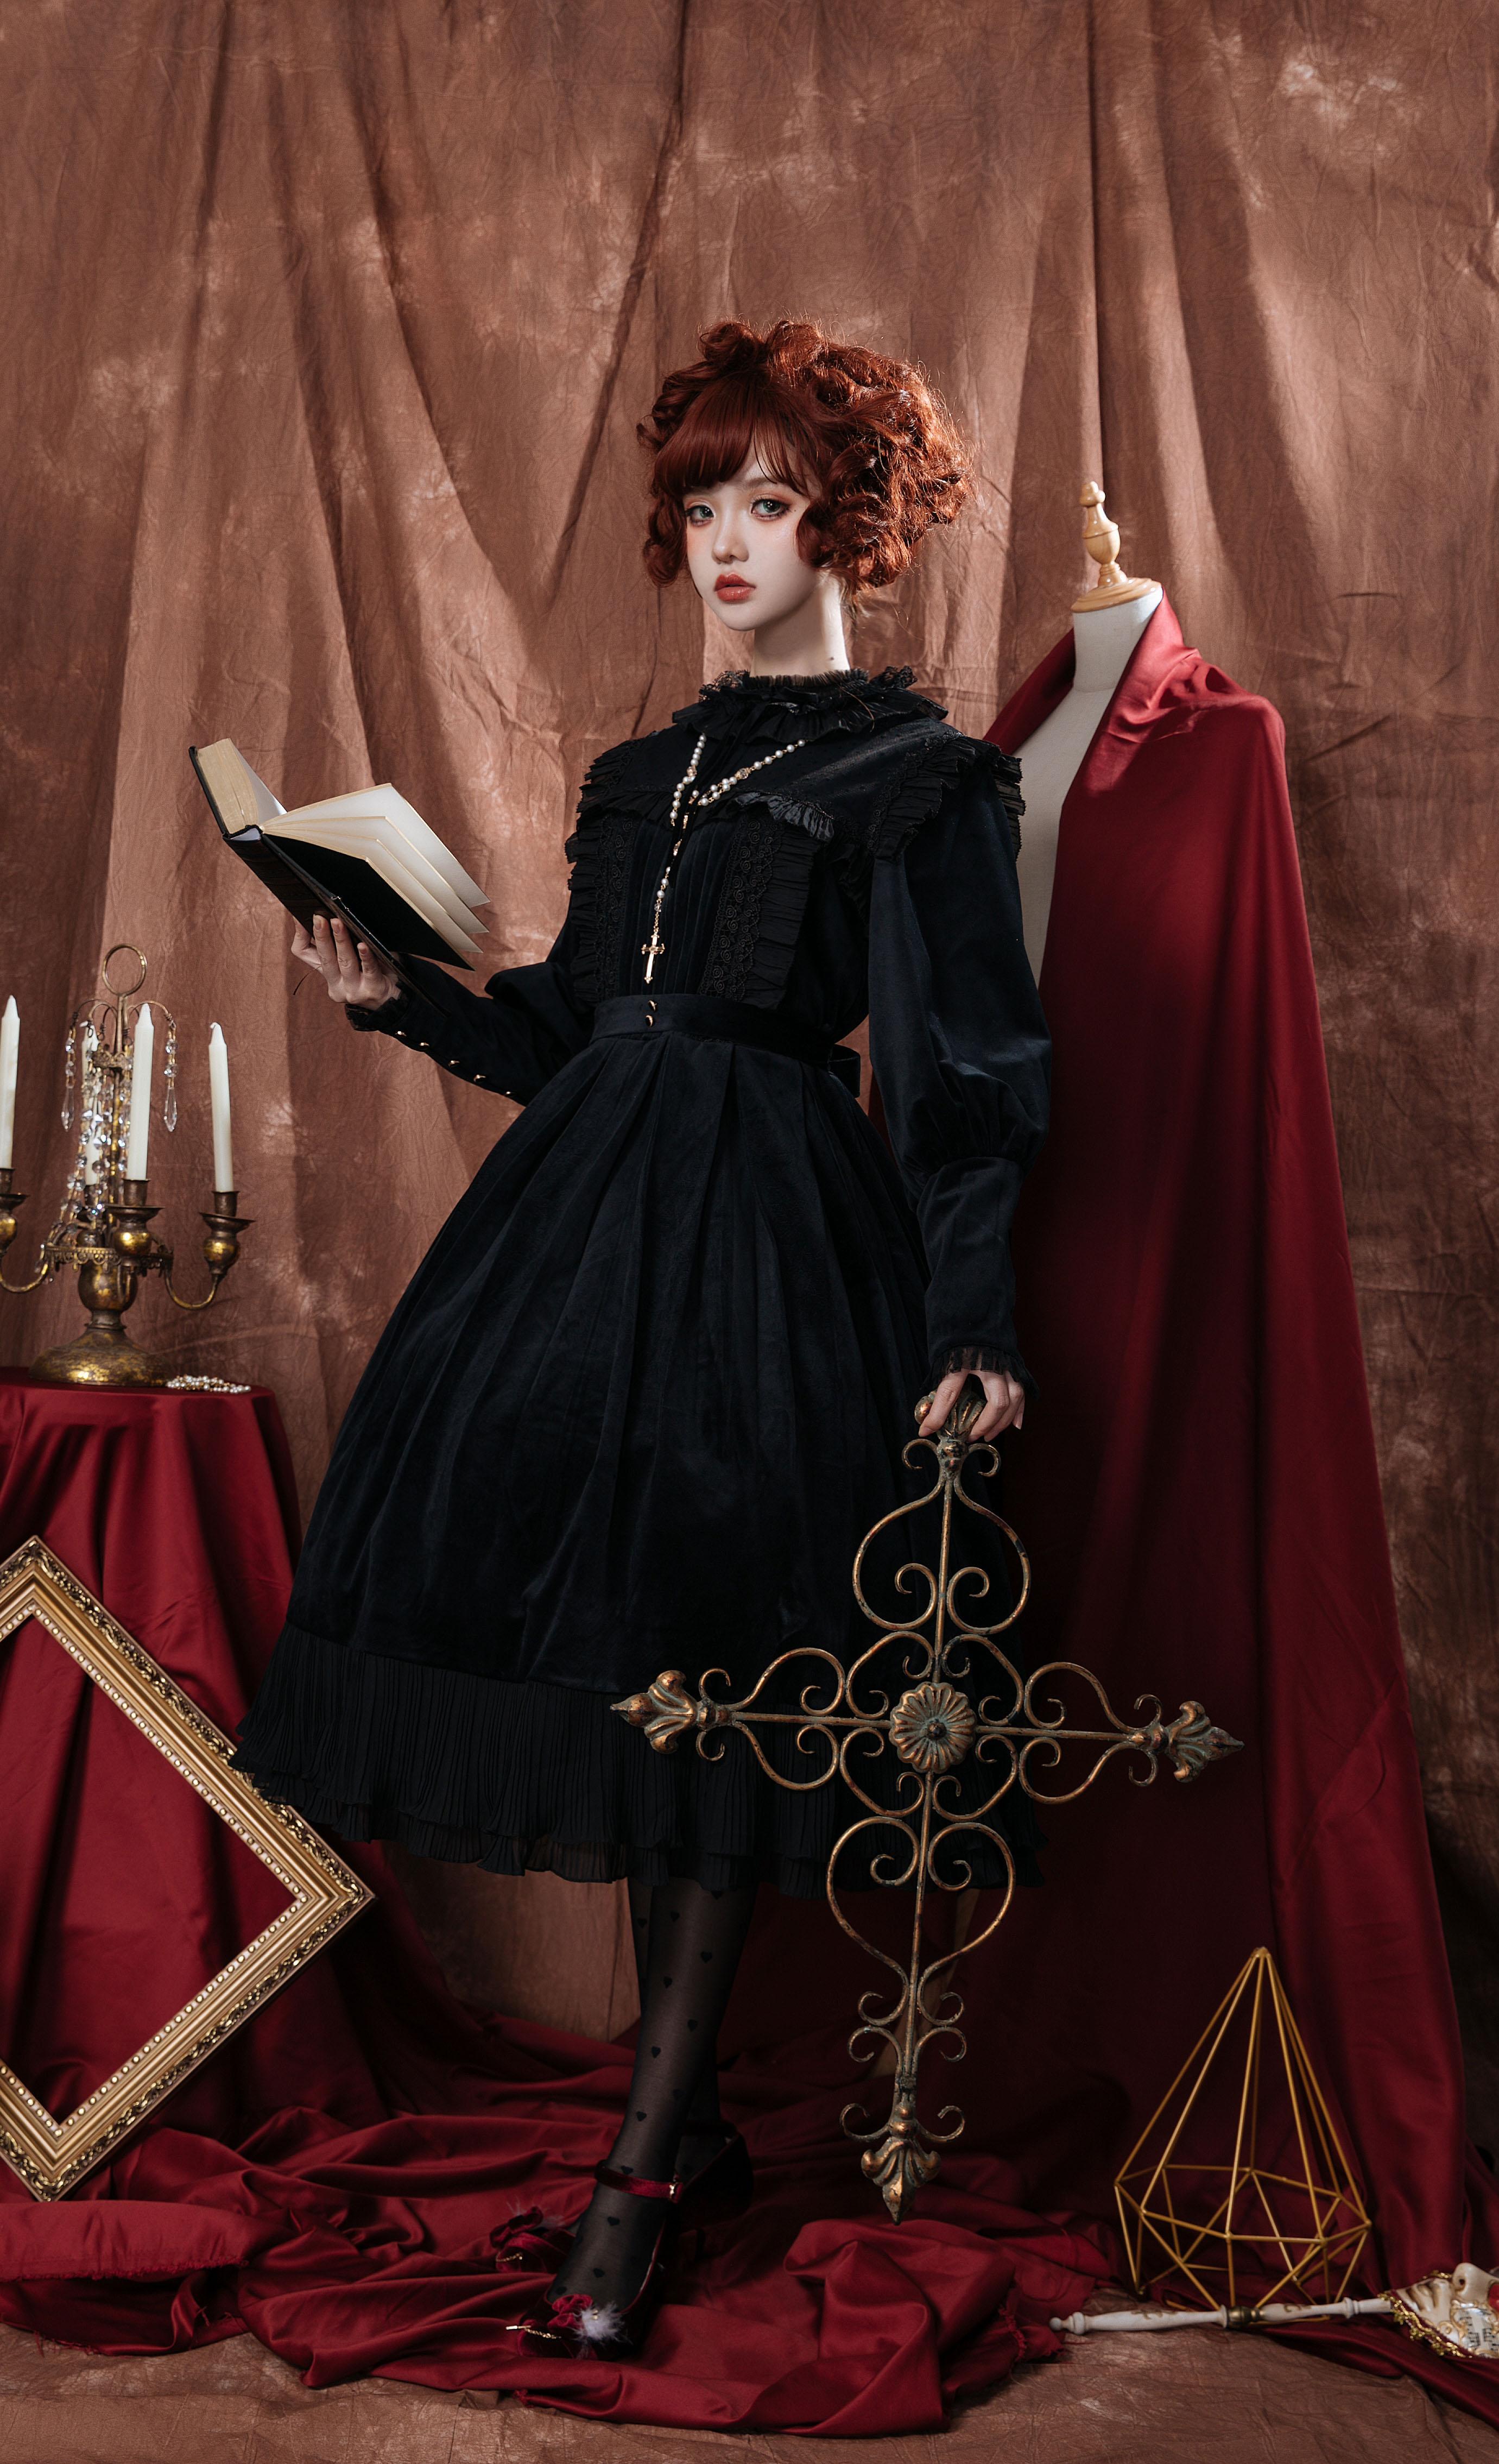 复古华丽丝绒连衣裙 爱德华 月亮河 全款可花呗 正在预约